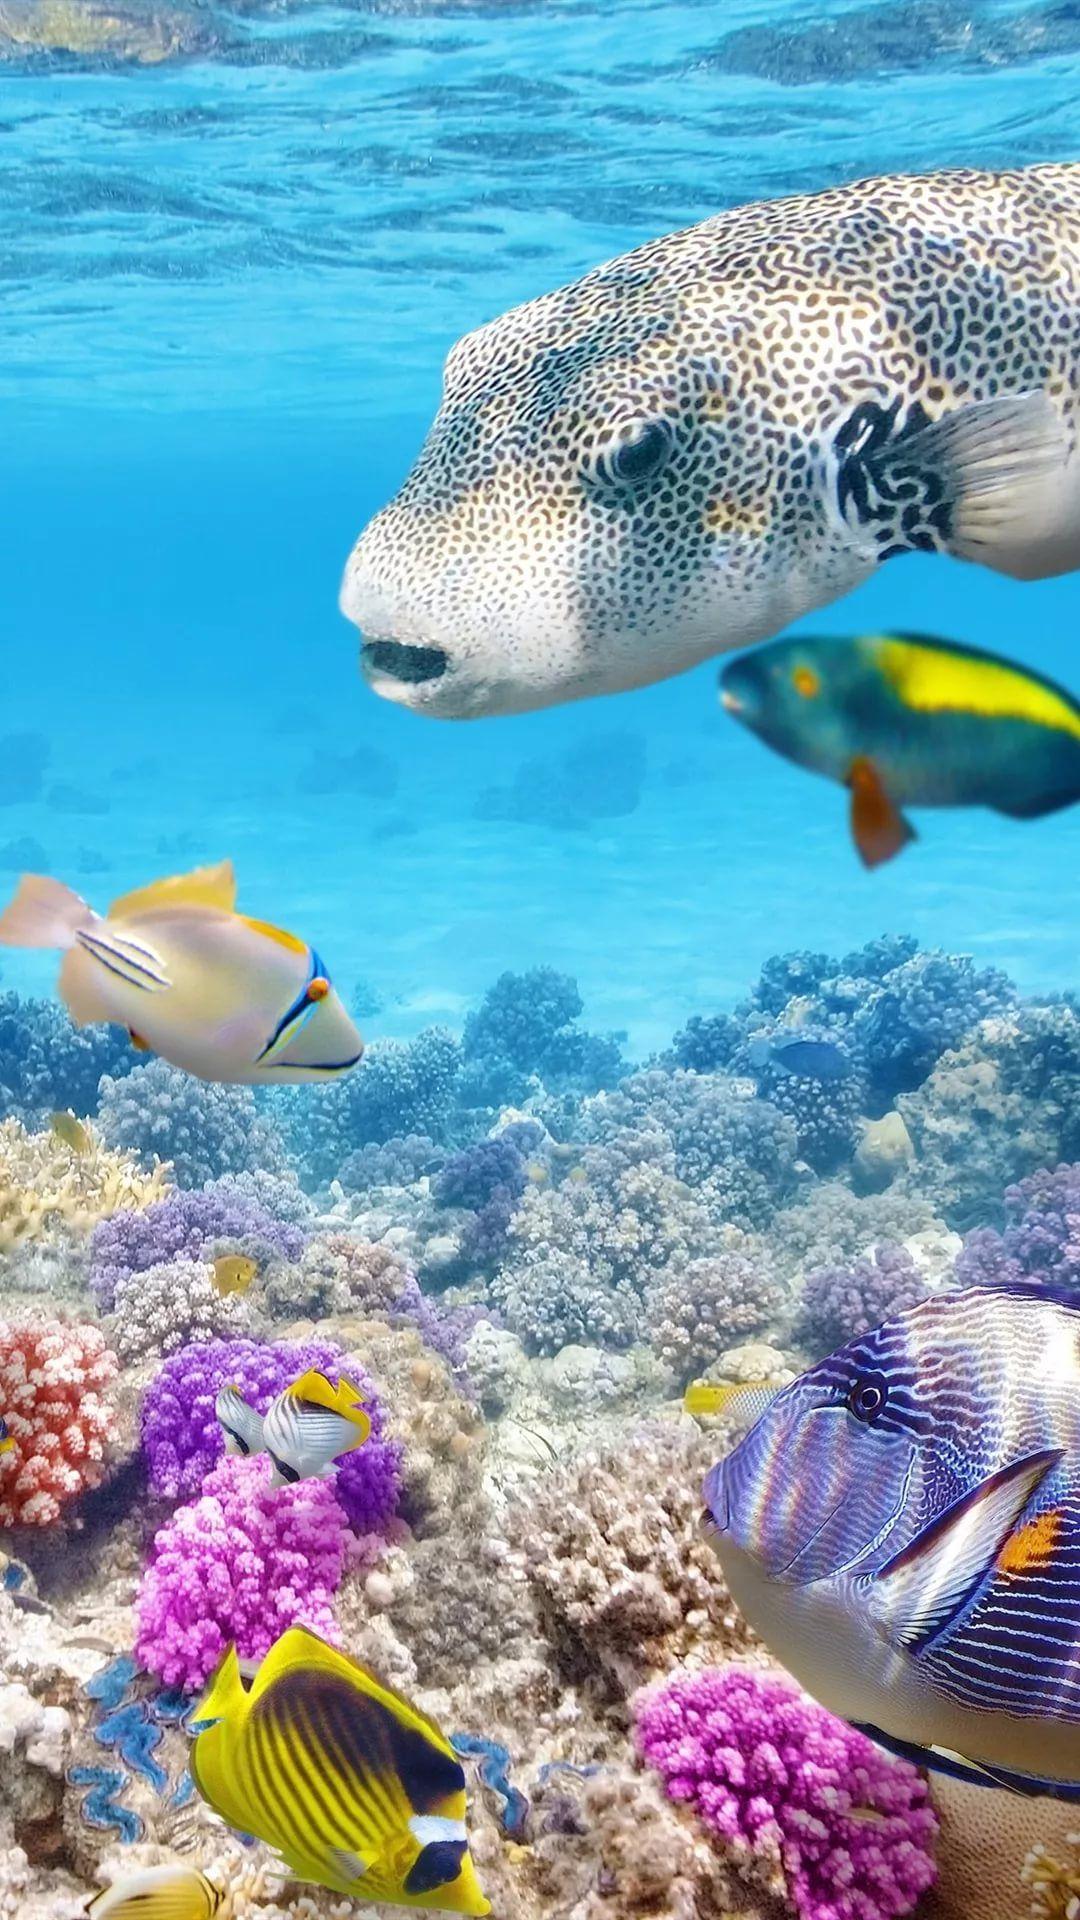 Free Tropical Fish lock screen wallpaper